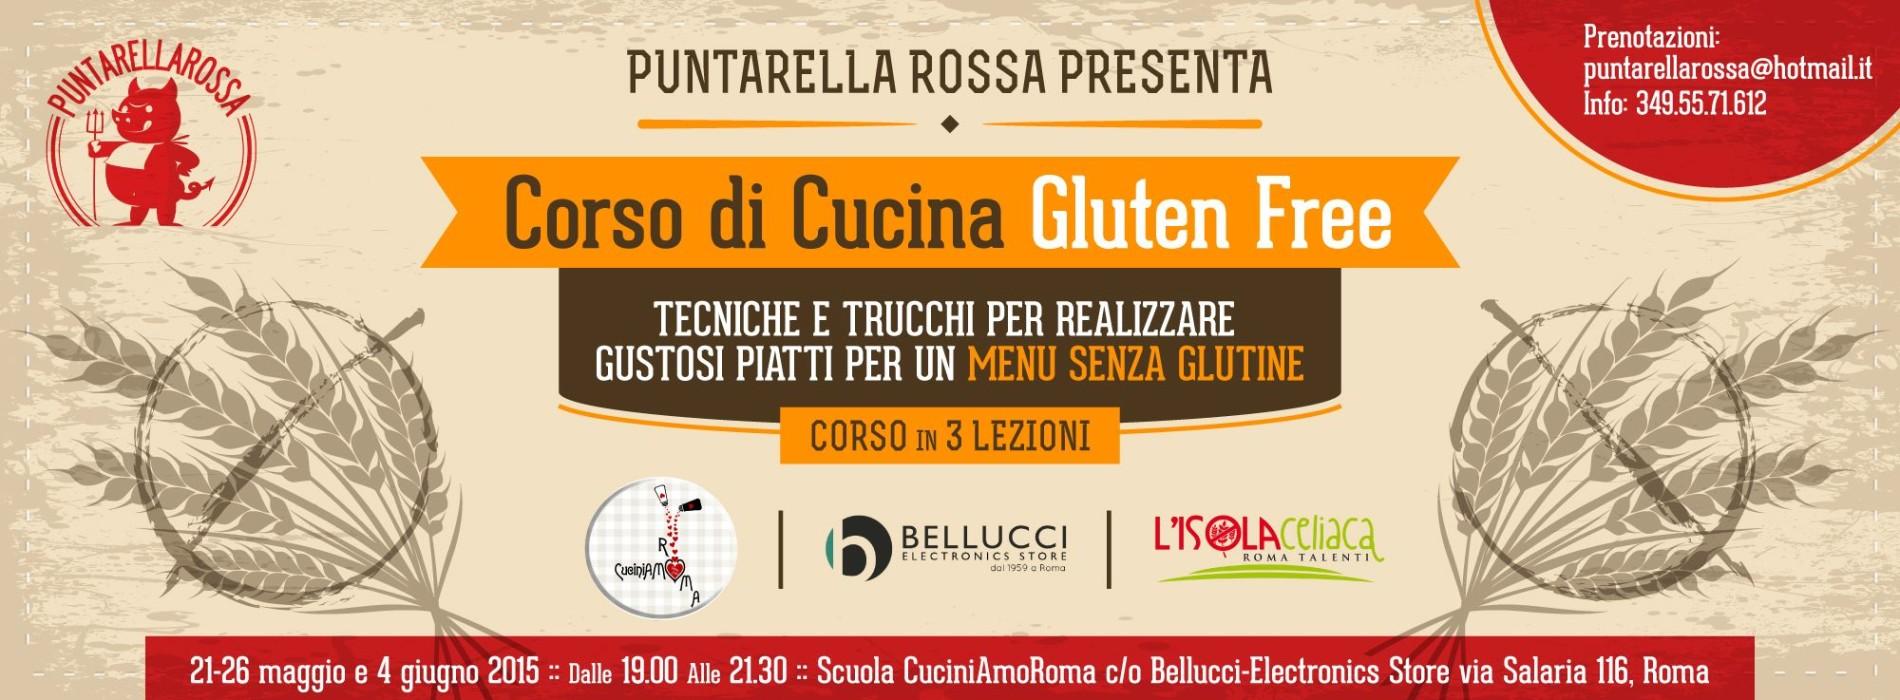 Disegno corsi di cucina a roma : Corso di cucina senza glutine Roma 2015 Puntarella